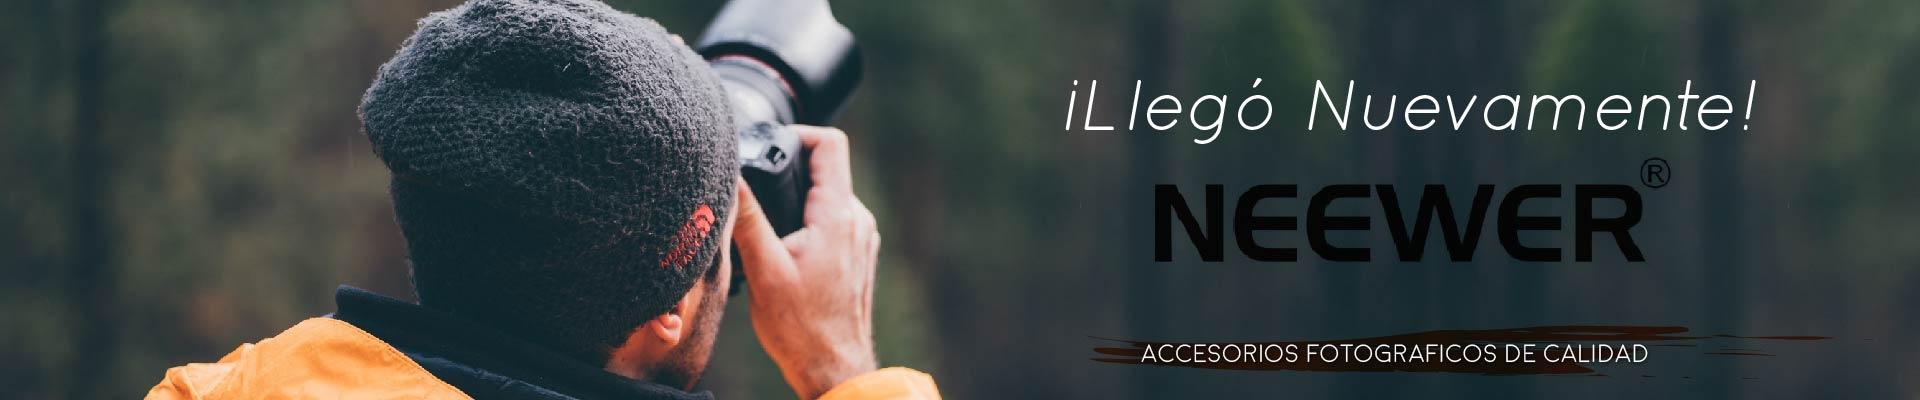 Accesorios Fotograficos Neewer